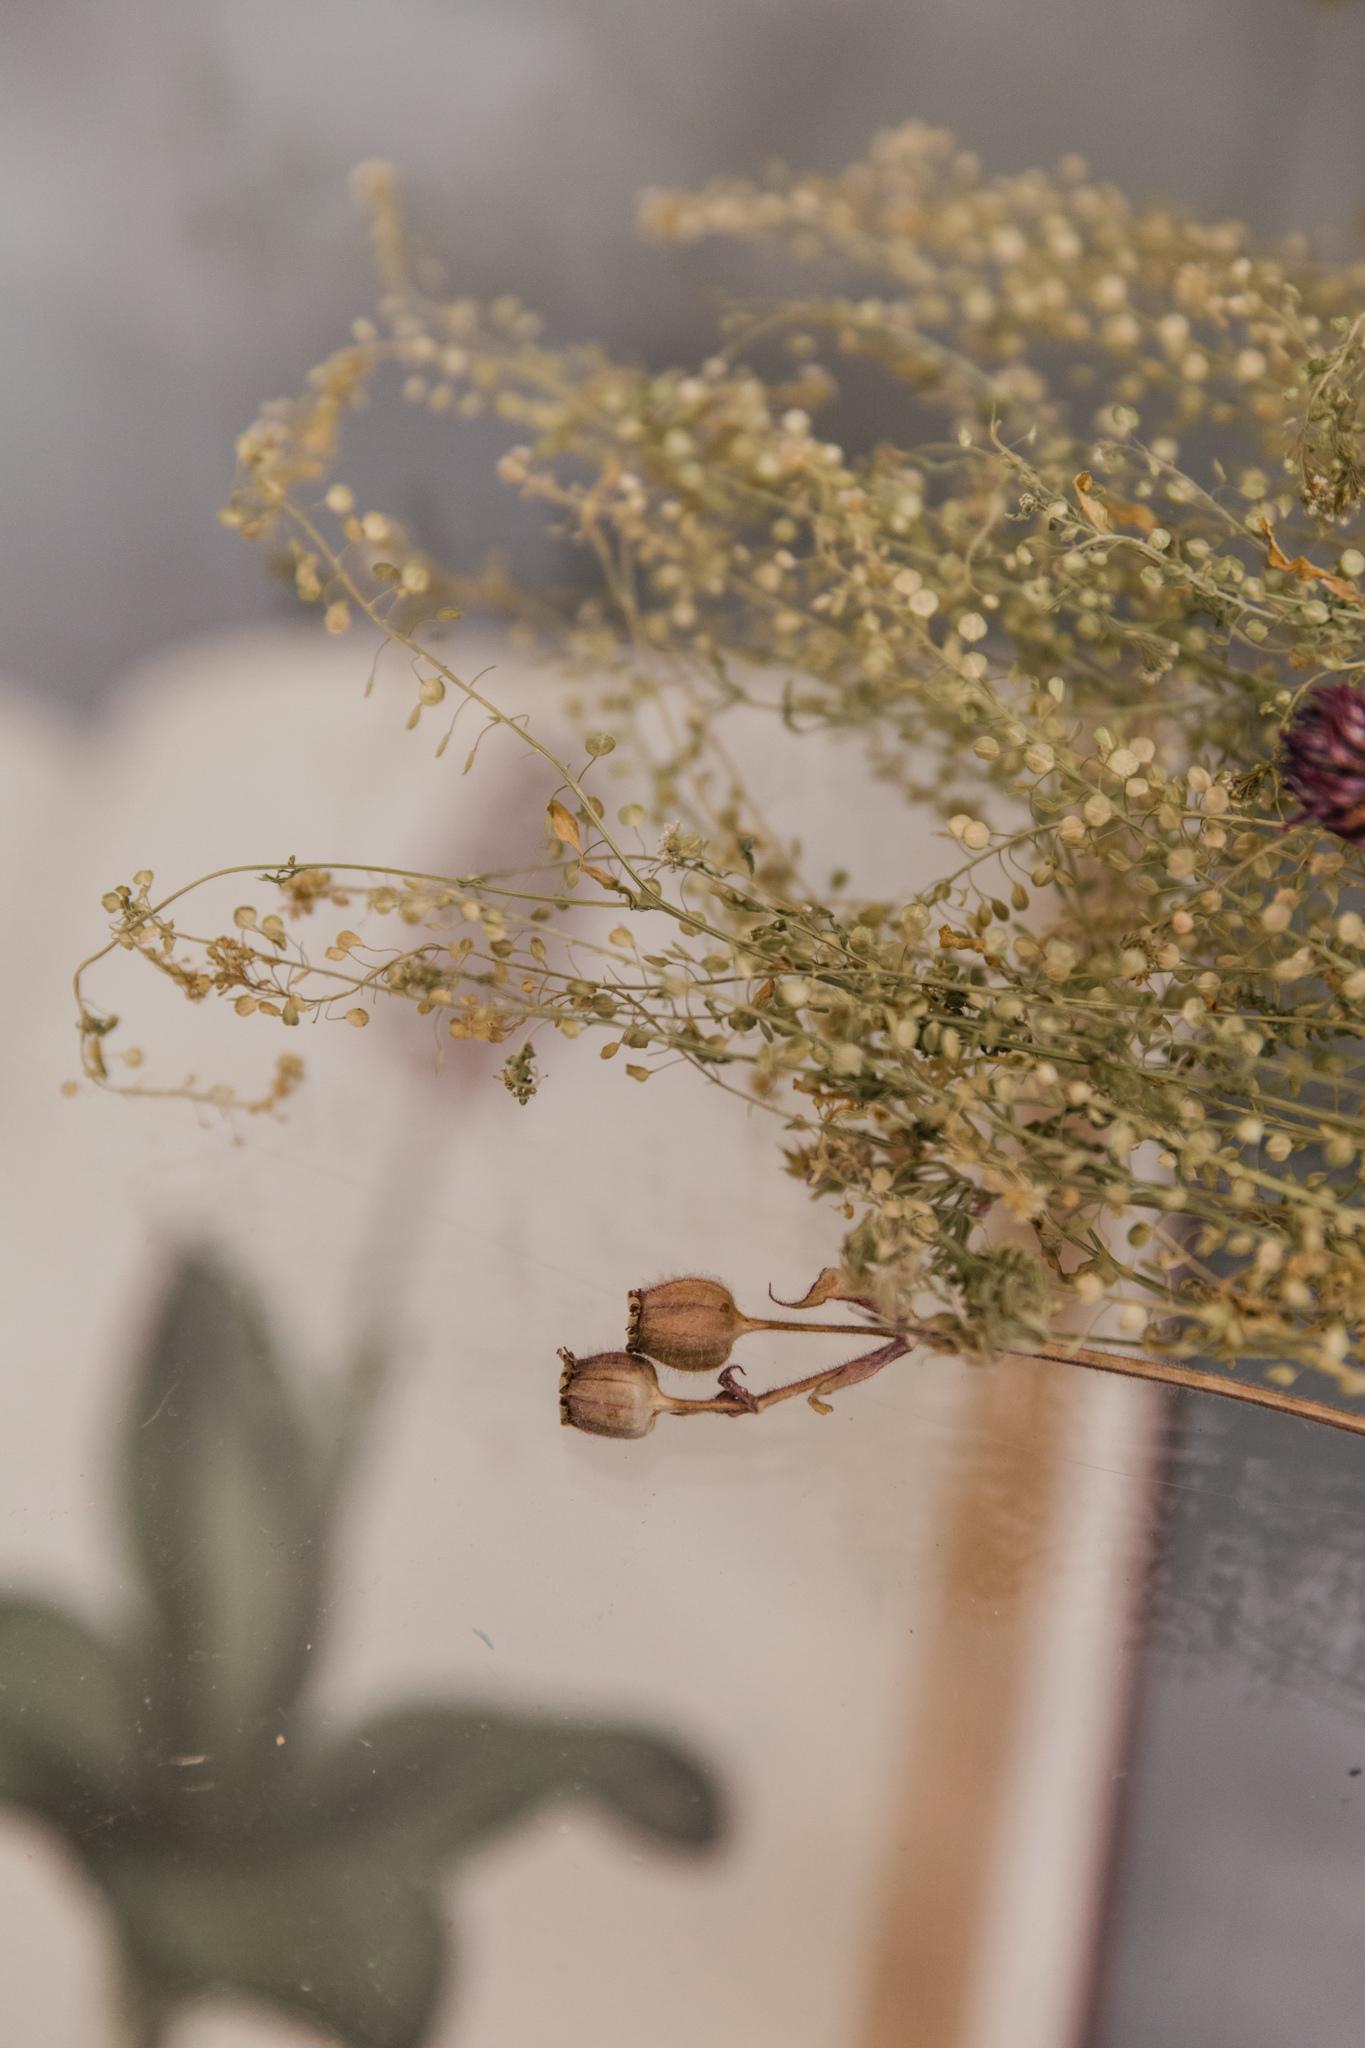 Herbarium_Joanne-Crawford-6890.JPG